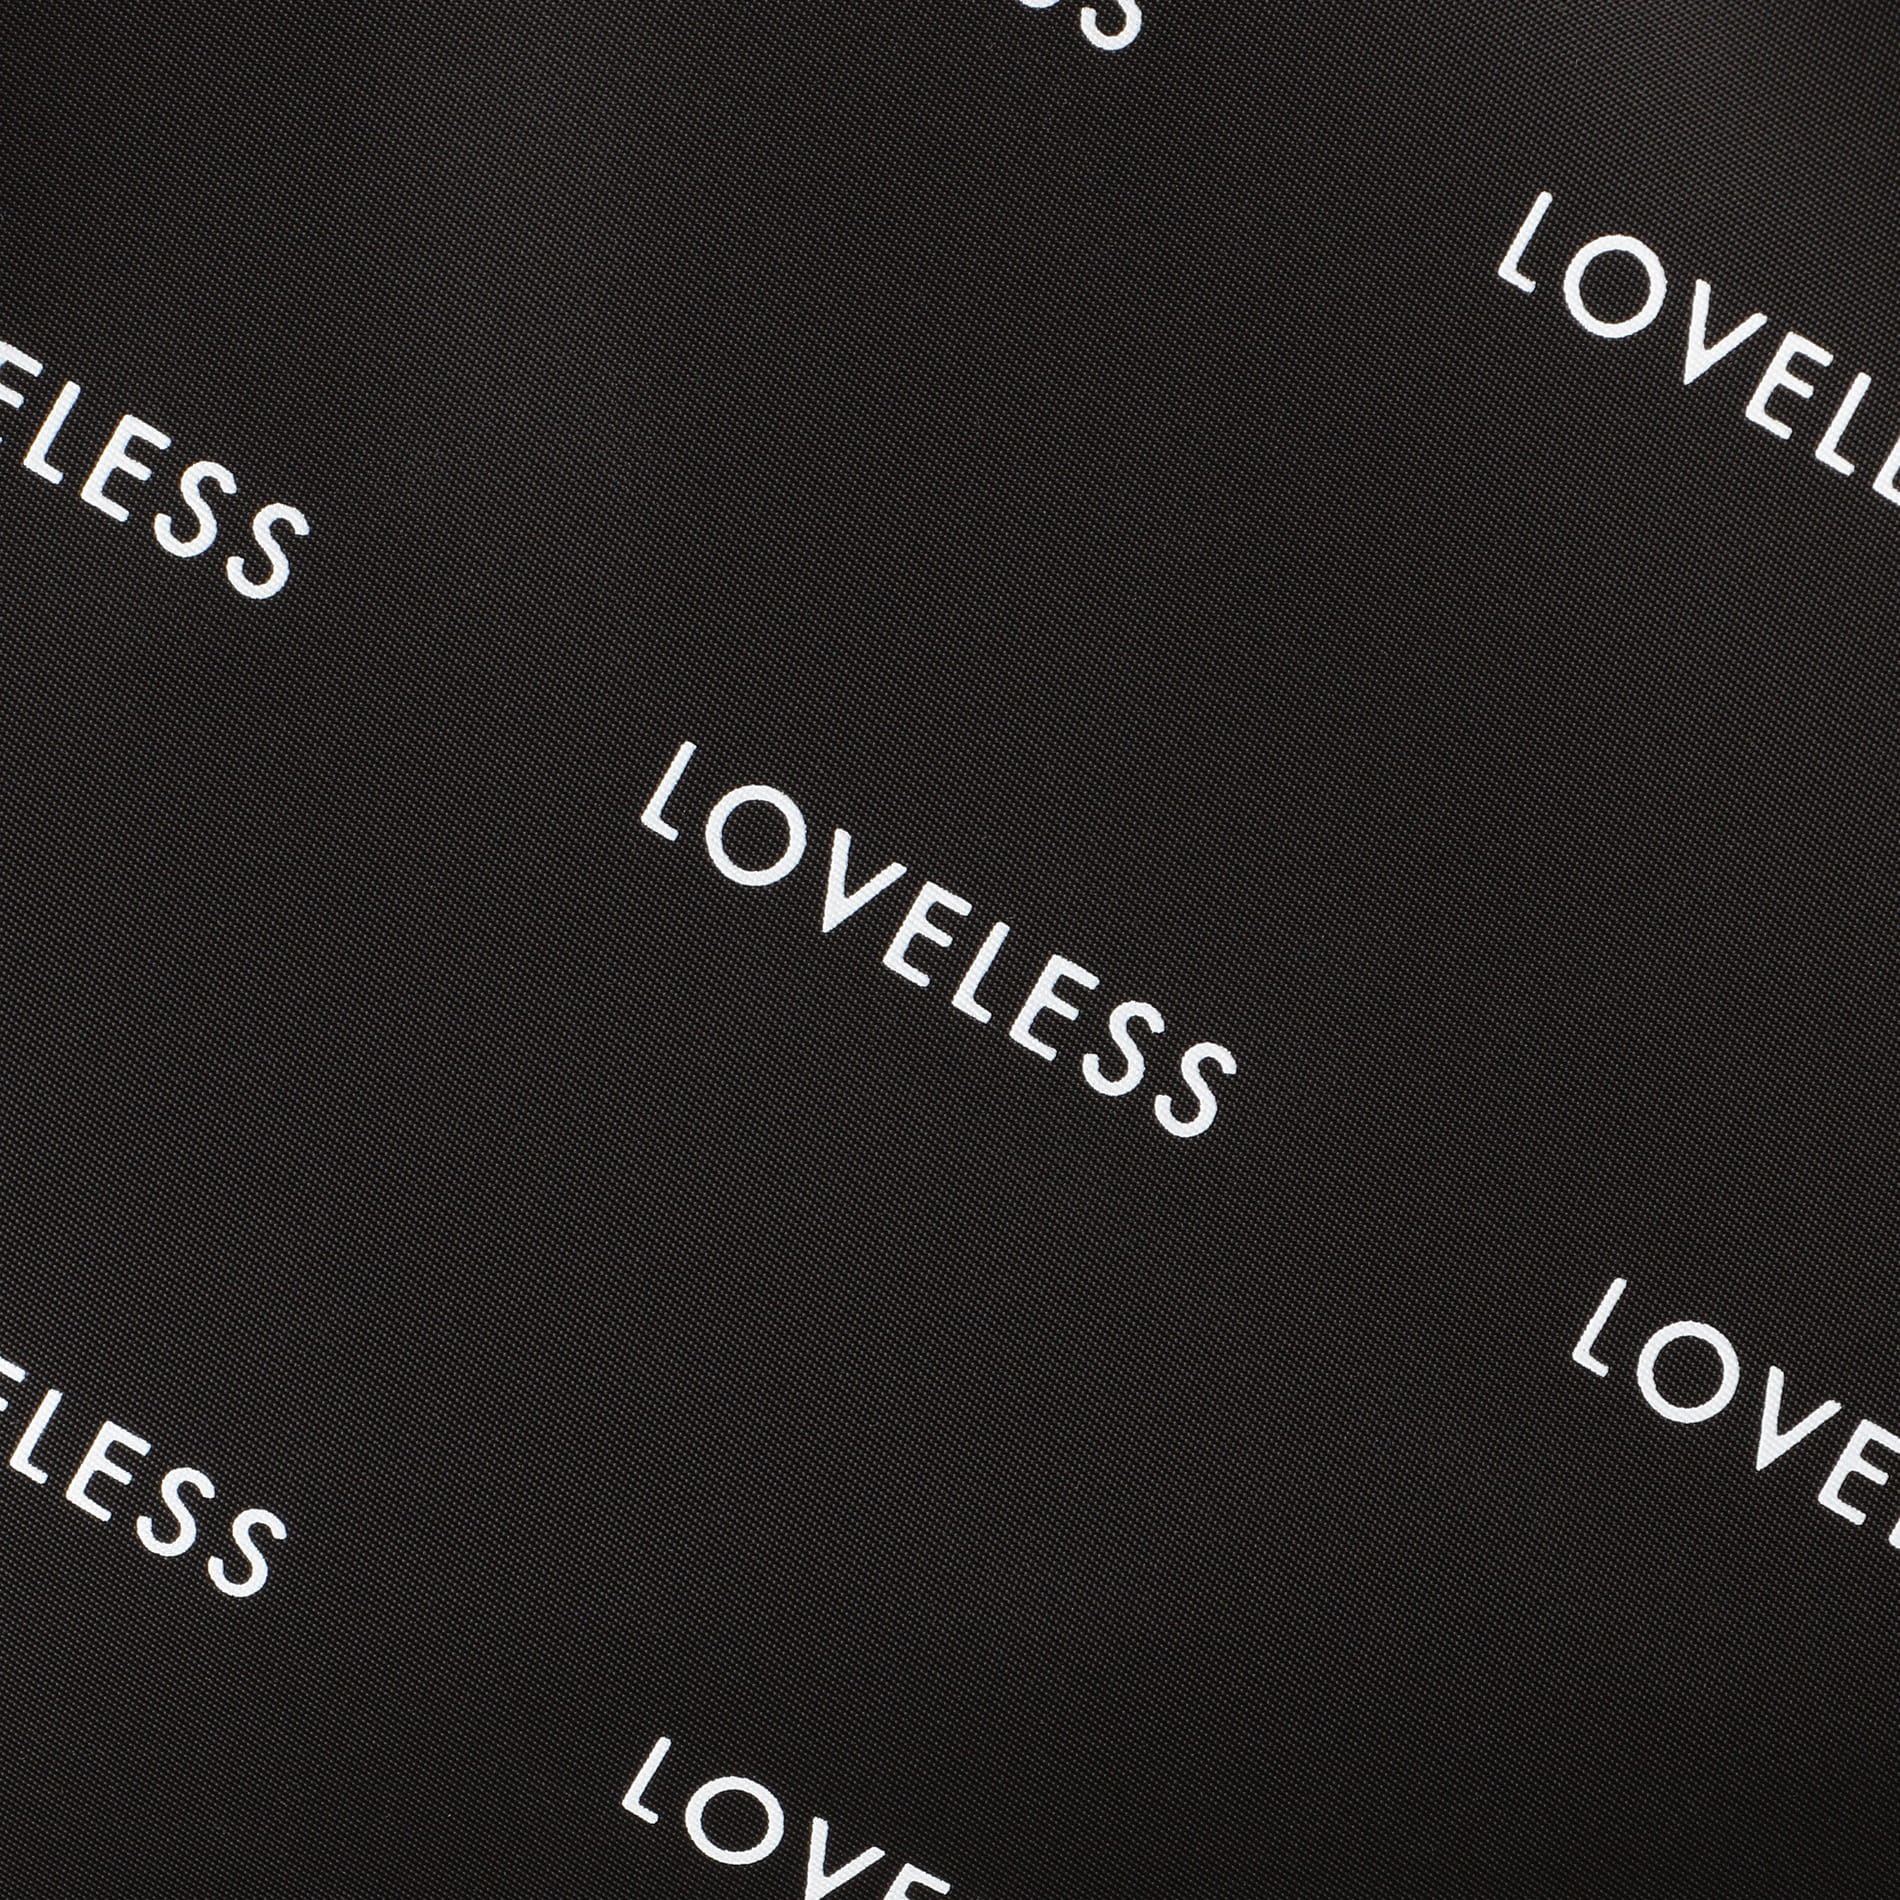 LOVELESSロゴ クラッチイントート